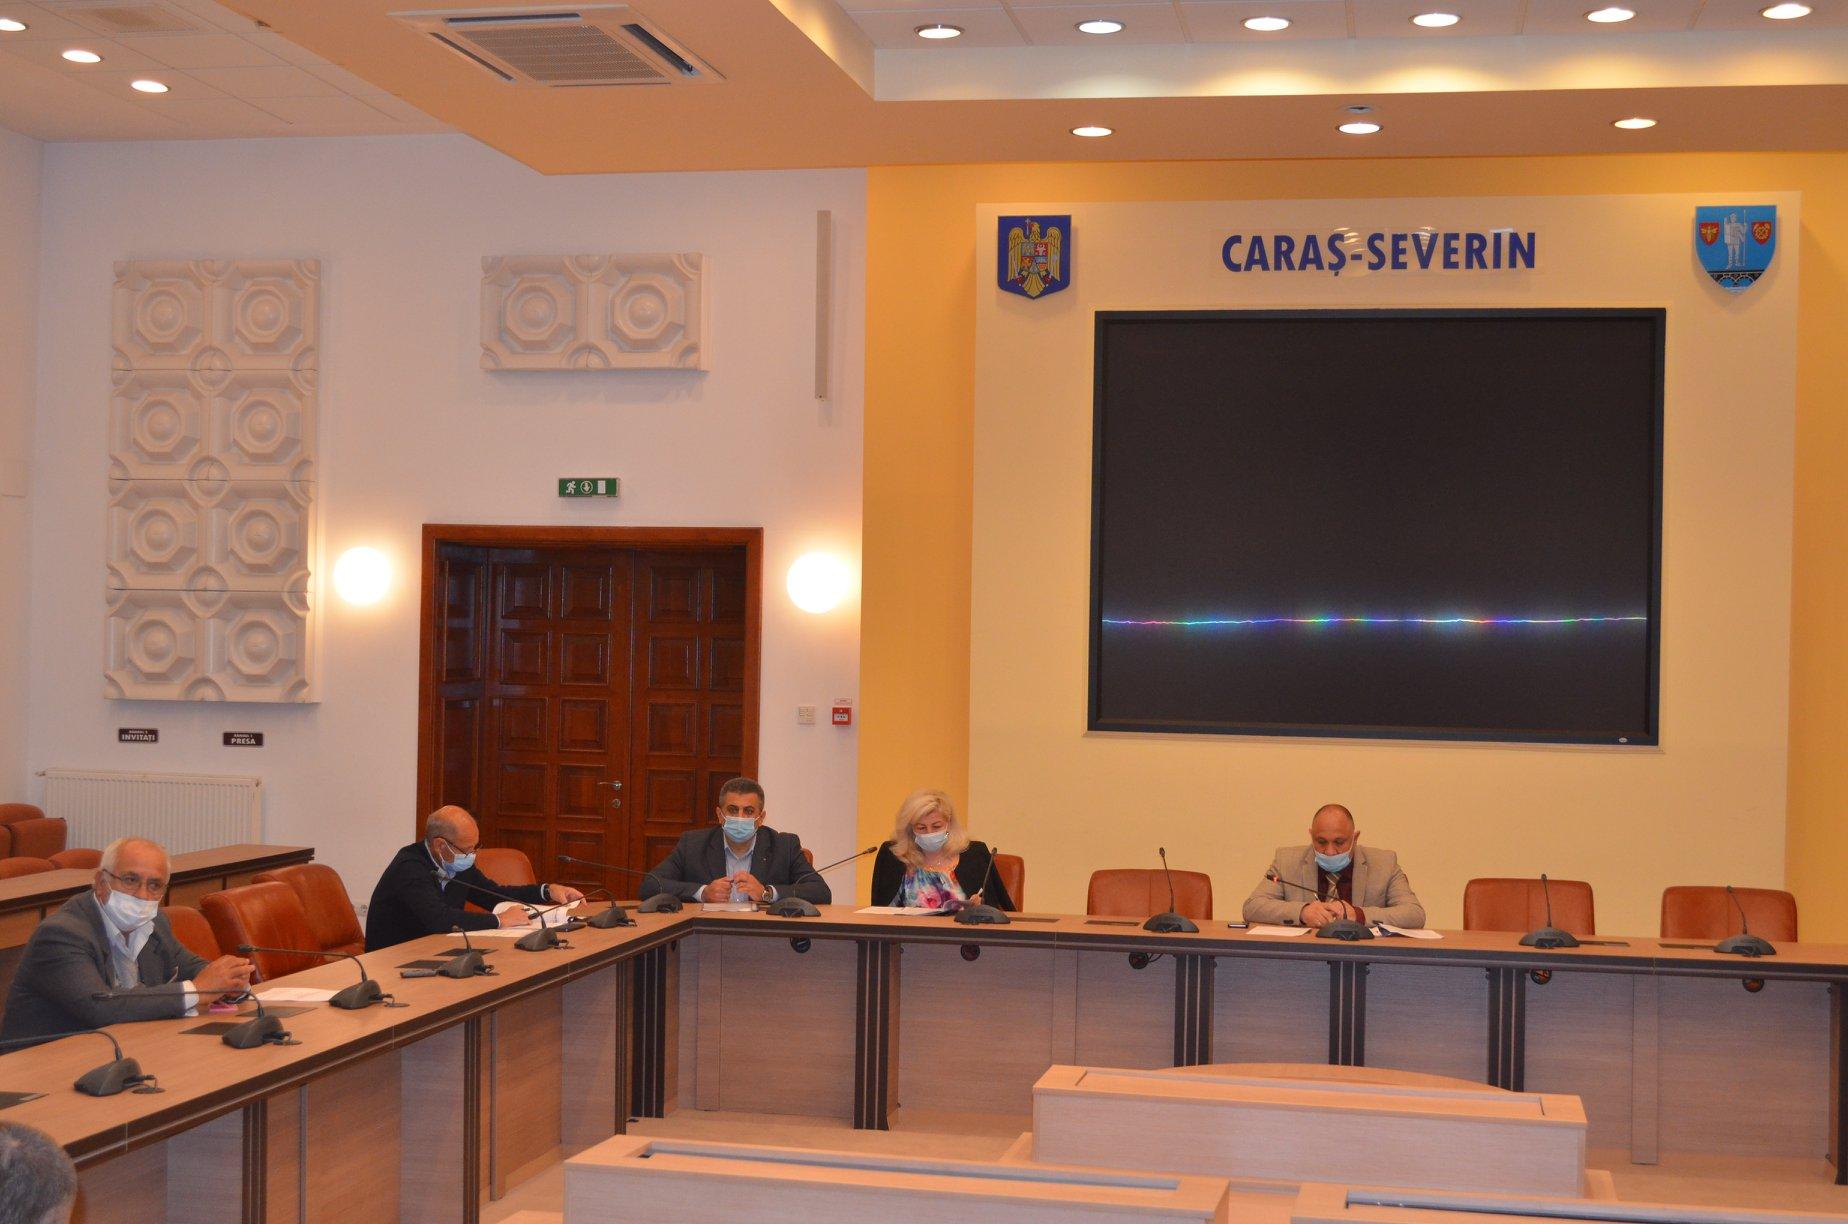 Comitetul Județean pentru Situații de Urgență Caraș-Severin